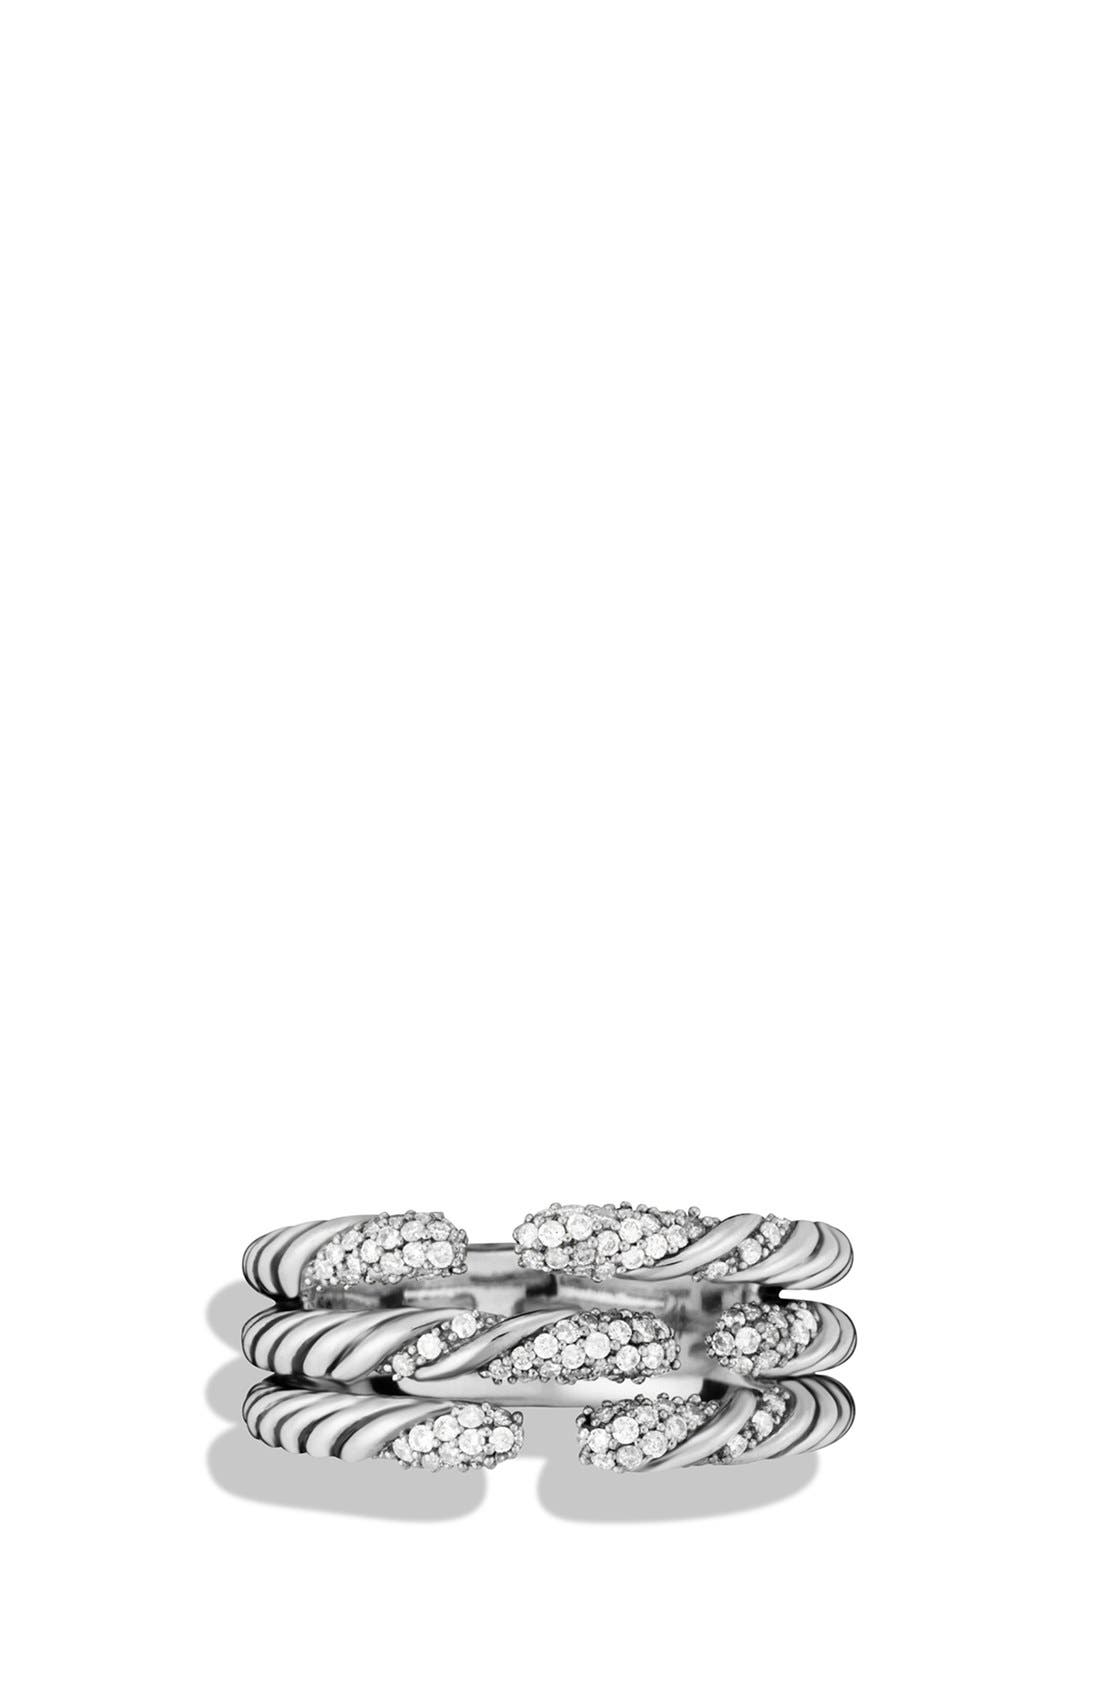 Alternate Image 3  - David Yurman 'Willow' Three-Row Ring with Diamonds